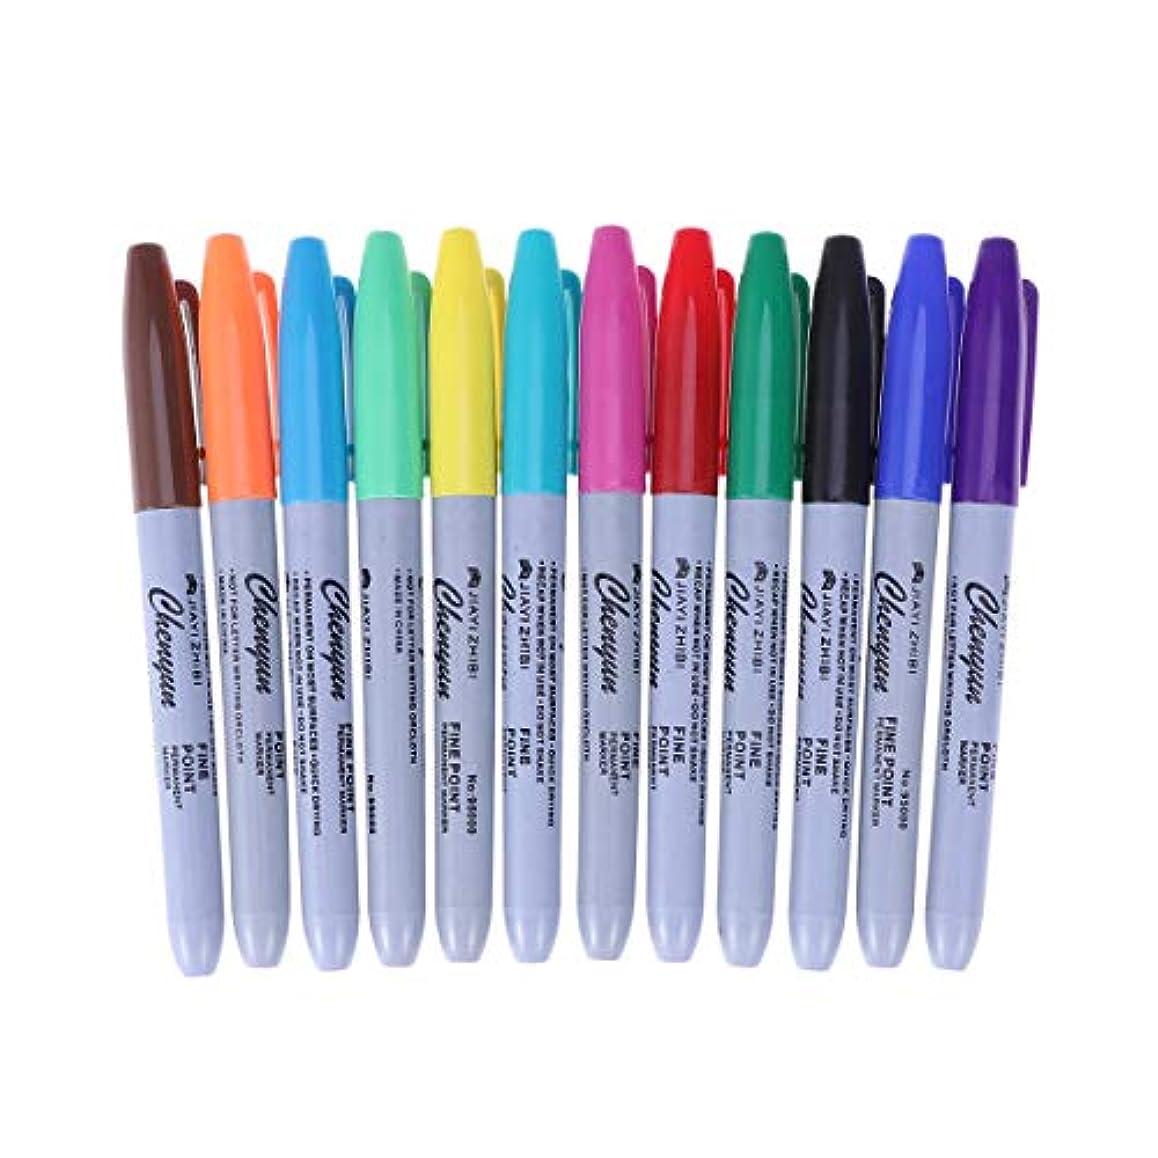 遺跡再編成するズボンHealifty 12色タトゥーペン防水タトゥースキンマーカーマーキングスクライブペンファインとレッグチップタトゥー用品